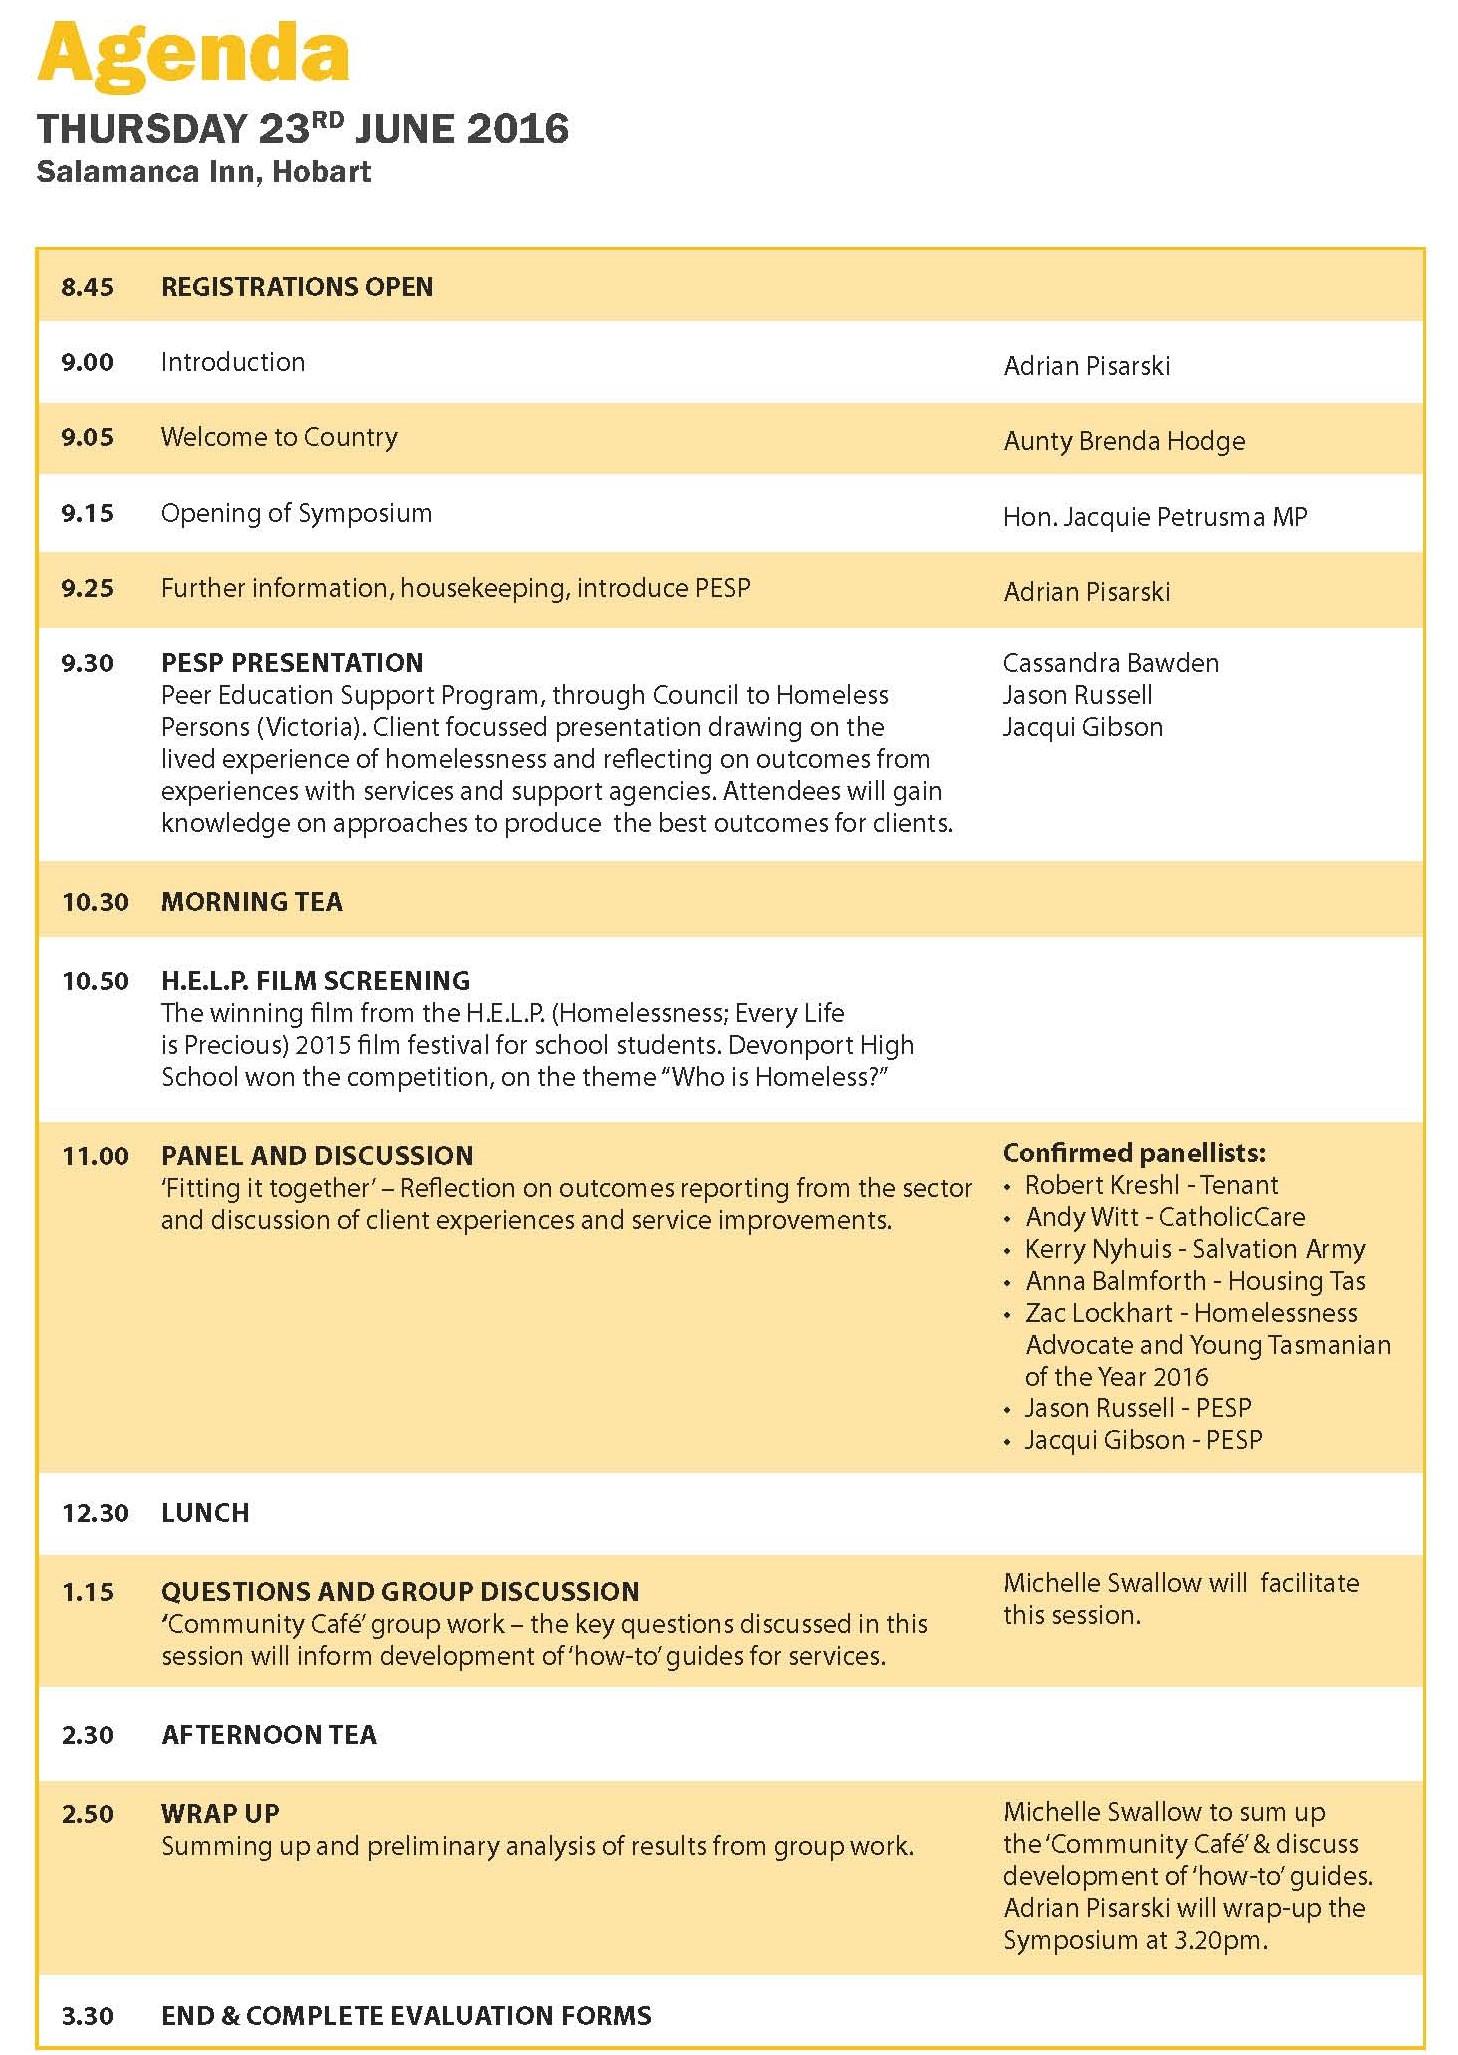 tas-homelessness-symposium-agenda_cropped